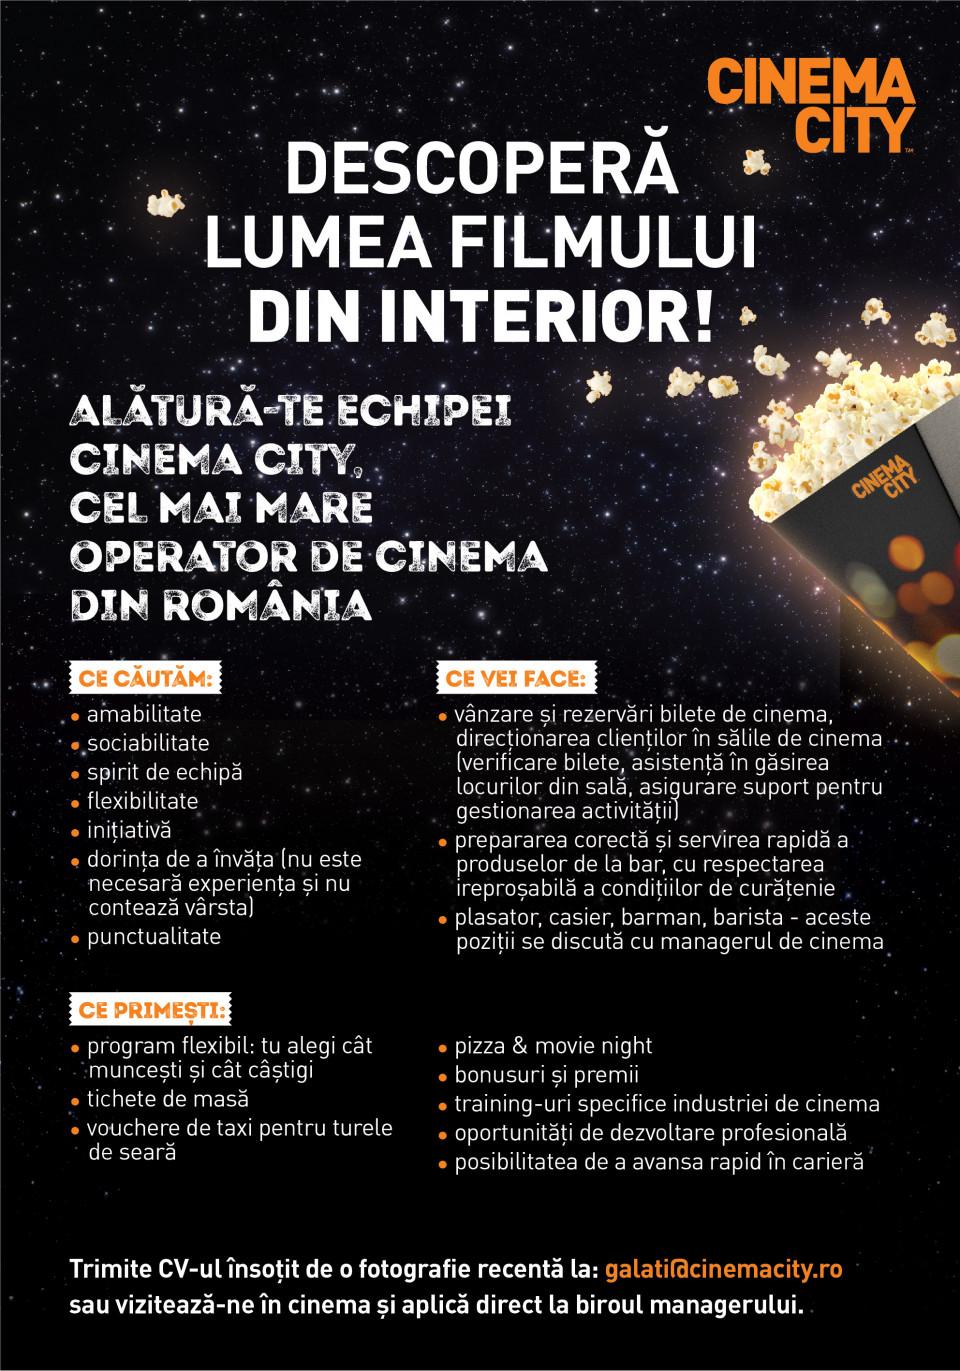 DESCOPERĂ LUMEA FILMULUI DIN INTERIOR!  Alătură-te echipei Cinema City, cel mai mare operator de cinema din România.  Cum ne dorim sa fie noul nostru coleg:  Cu atitudine pozitivă Dornic să învețe (nu este necesară experiența și nu contează vârsta) Punctual Cu bune abilități de comunicare și relaționare Amabil Să îi placă să lucreze în echipă Determinat Cu inițiativă Căutăm colegi care să descopere cu entuziasm lumea filmului din interior pentru următoarele roluri  Barman / Barista / Casier / Plasator  În funcție de rolul potrivit pentru tine, responsabilitățile generale ar putea fi:  - vânzarea de bilete și rezervări bilete de cinema, direcționarea clienților în cinema (verificare bilete, asistență în găsirea locurilor din sală, asigurare suport pentru gestionarea activității);  - preparea corectă și servirea rapidă a produselor de la bar sau cafenea, cu respectarea ireproșabilă a condițiilor de curățenie;  - întâmpinarea clienților și oferirea informațiilor corecte despre produsele noastre;  Barman / Barista / Casier / Plasator – aceste poziții se discută în cadrul interviului.  Ce îți garantăm:  - Program flexibil (tu alegi cât muncești și cât câștigi) - Tichete de masa - Pizza & Movie night - Bonusuri și premii - Training-uri specifice industriei de cinema - Vouchere de taxi pentru turele de seară - Oportunități de dezvoltare profesională - Posibilitatea de a avansa rapid în carieră  Punem accent pe dezvoltarea oamenilor și ne dorim ca fiecare coleg să fie foarte bine pregătit profesional existând șanse de promovare. Dezvoltă și tu o carieră în industria de cinema!  Trimite CV-ul insotit de o fotografie recenta la: galati@cinemacity.ro sau viziteaza-ne in cinema si aplica direct la biroul managerului.  Te așteptăm cu drag! Descoperă lumea filmului din interior!Alătură-te echipei Cinema City, cel mai mare operator de cinema din România, parte din Cineworld, al doilea mare lanț de cinematografe din lume!Ne dorim să fim cel mai bun loc unde se vizionează filmele și